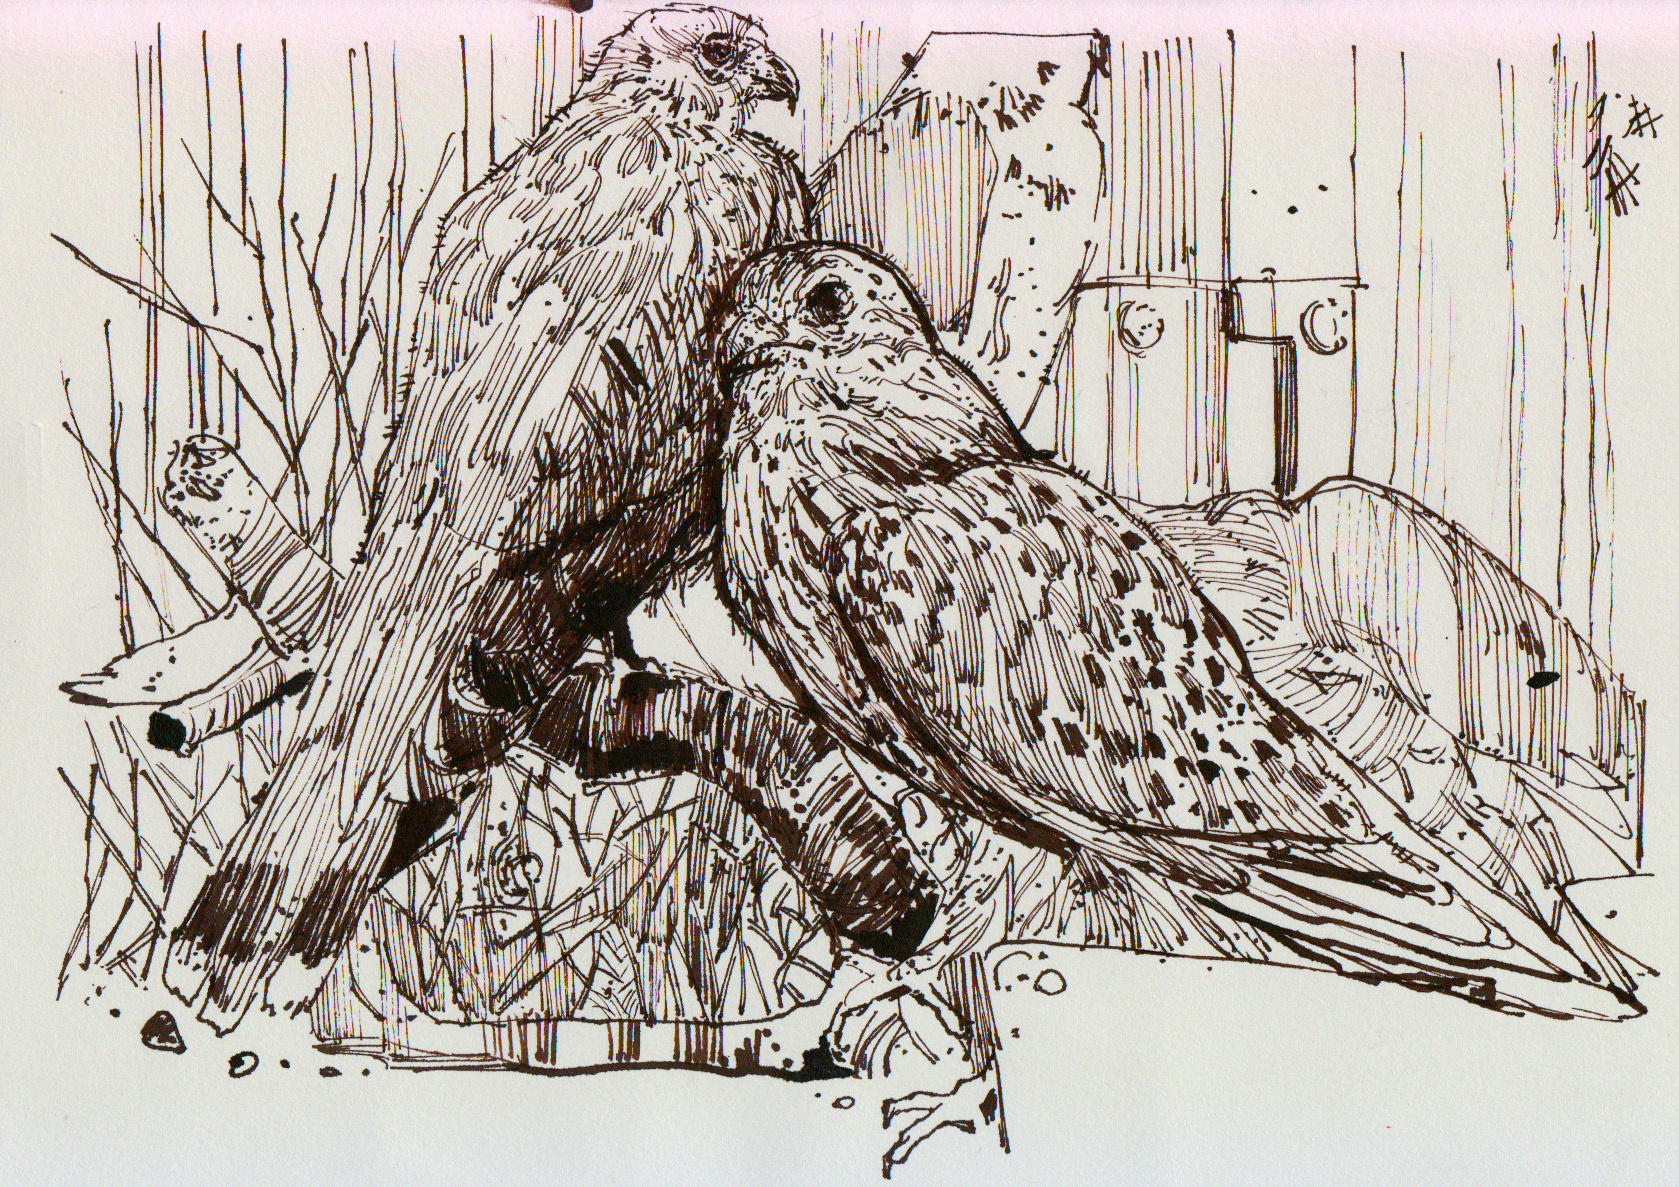 طراحی از پرندگان تاکسیدرمی  موزه داراباد